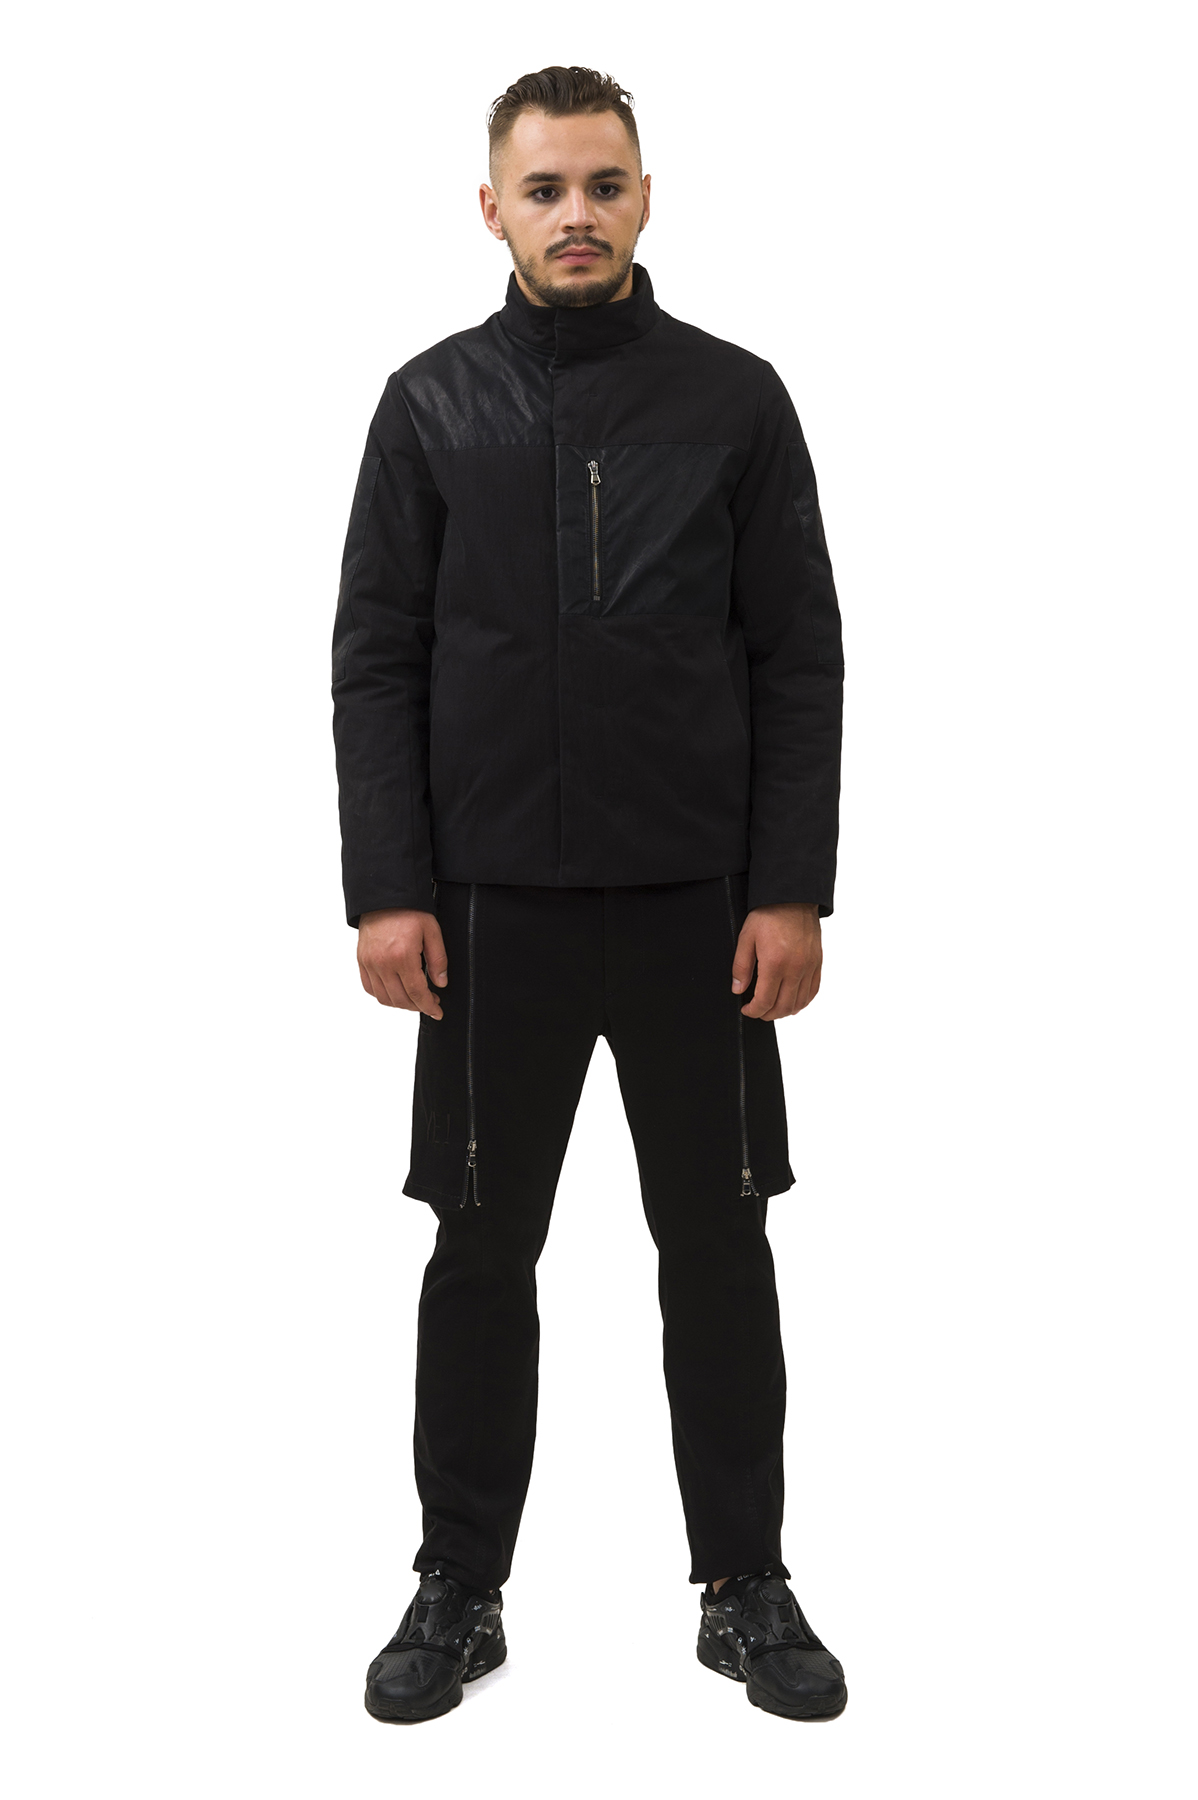 КурткаКуртки, пальто, ветровки<br>Куртка  Pavel Yerokin выполнена из прочного хлопкового текстиля. Особенности: прямой крой, 1 накладной карман из вощенной ткани, 2 кармана в боковых швах, 1 внутренний карман.<br><br>Цвет: черный<br>Состав: Материал 1 - Хлопок - 73%, Нейлон - 27%  Материал 2 - Полиэстер - 100%<br>Размер: 44,46,48,50,52<br>Страна дизайна: Россия<br>Страна производства: Россия